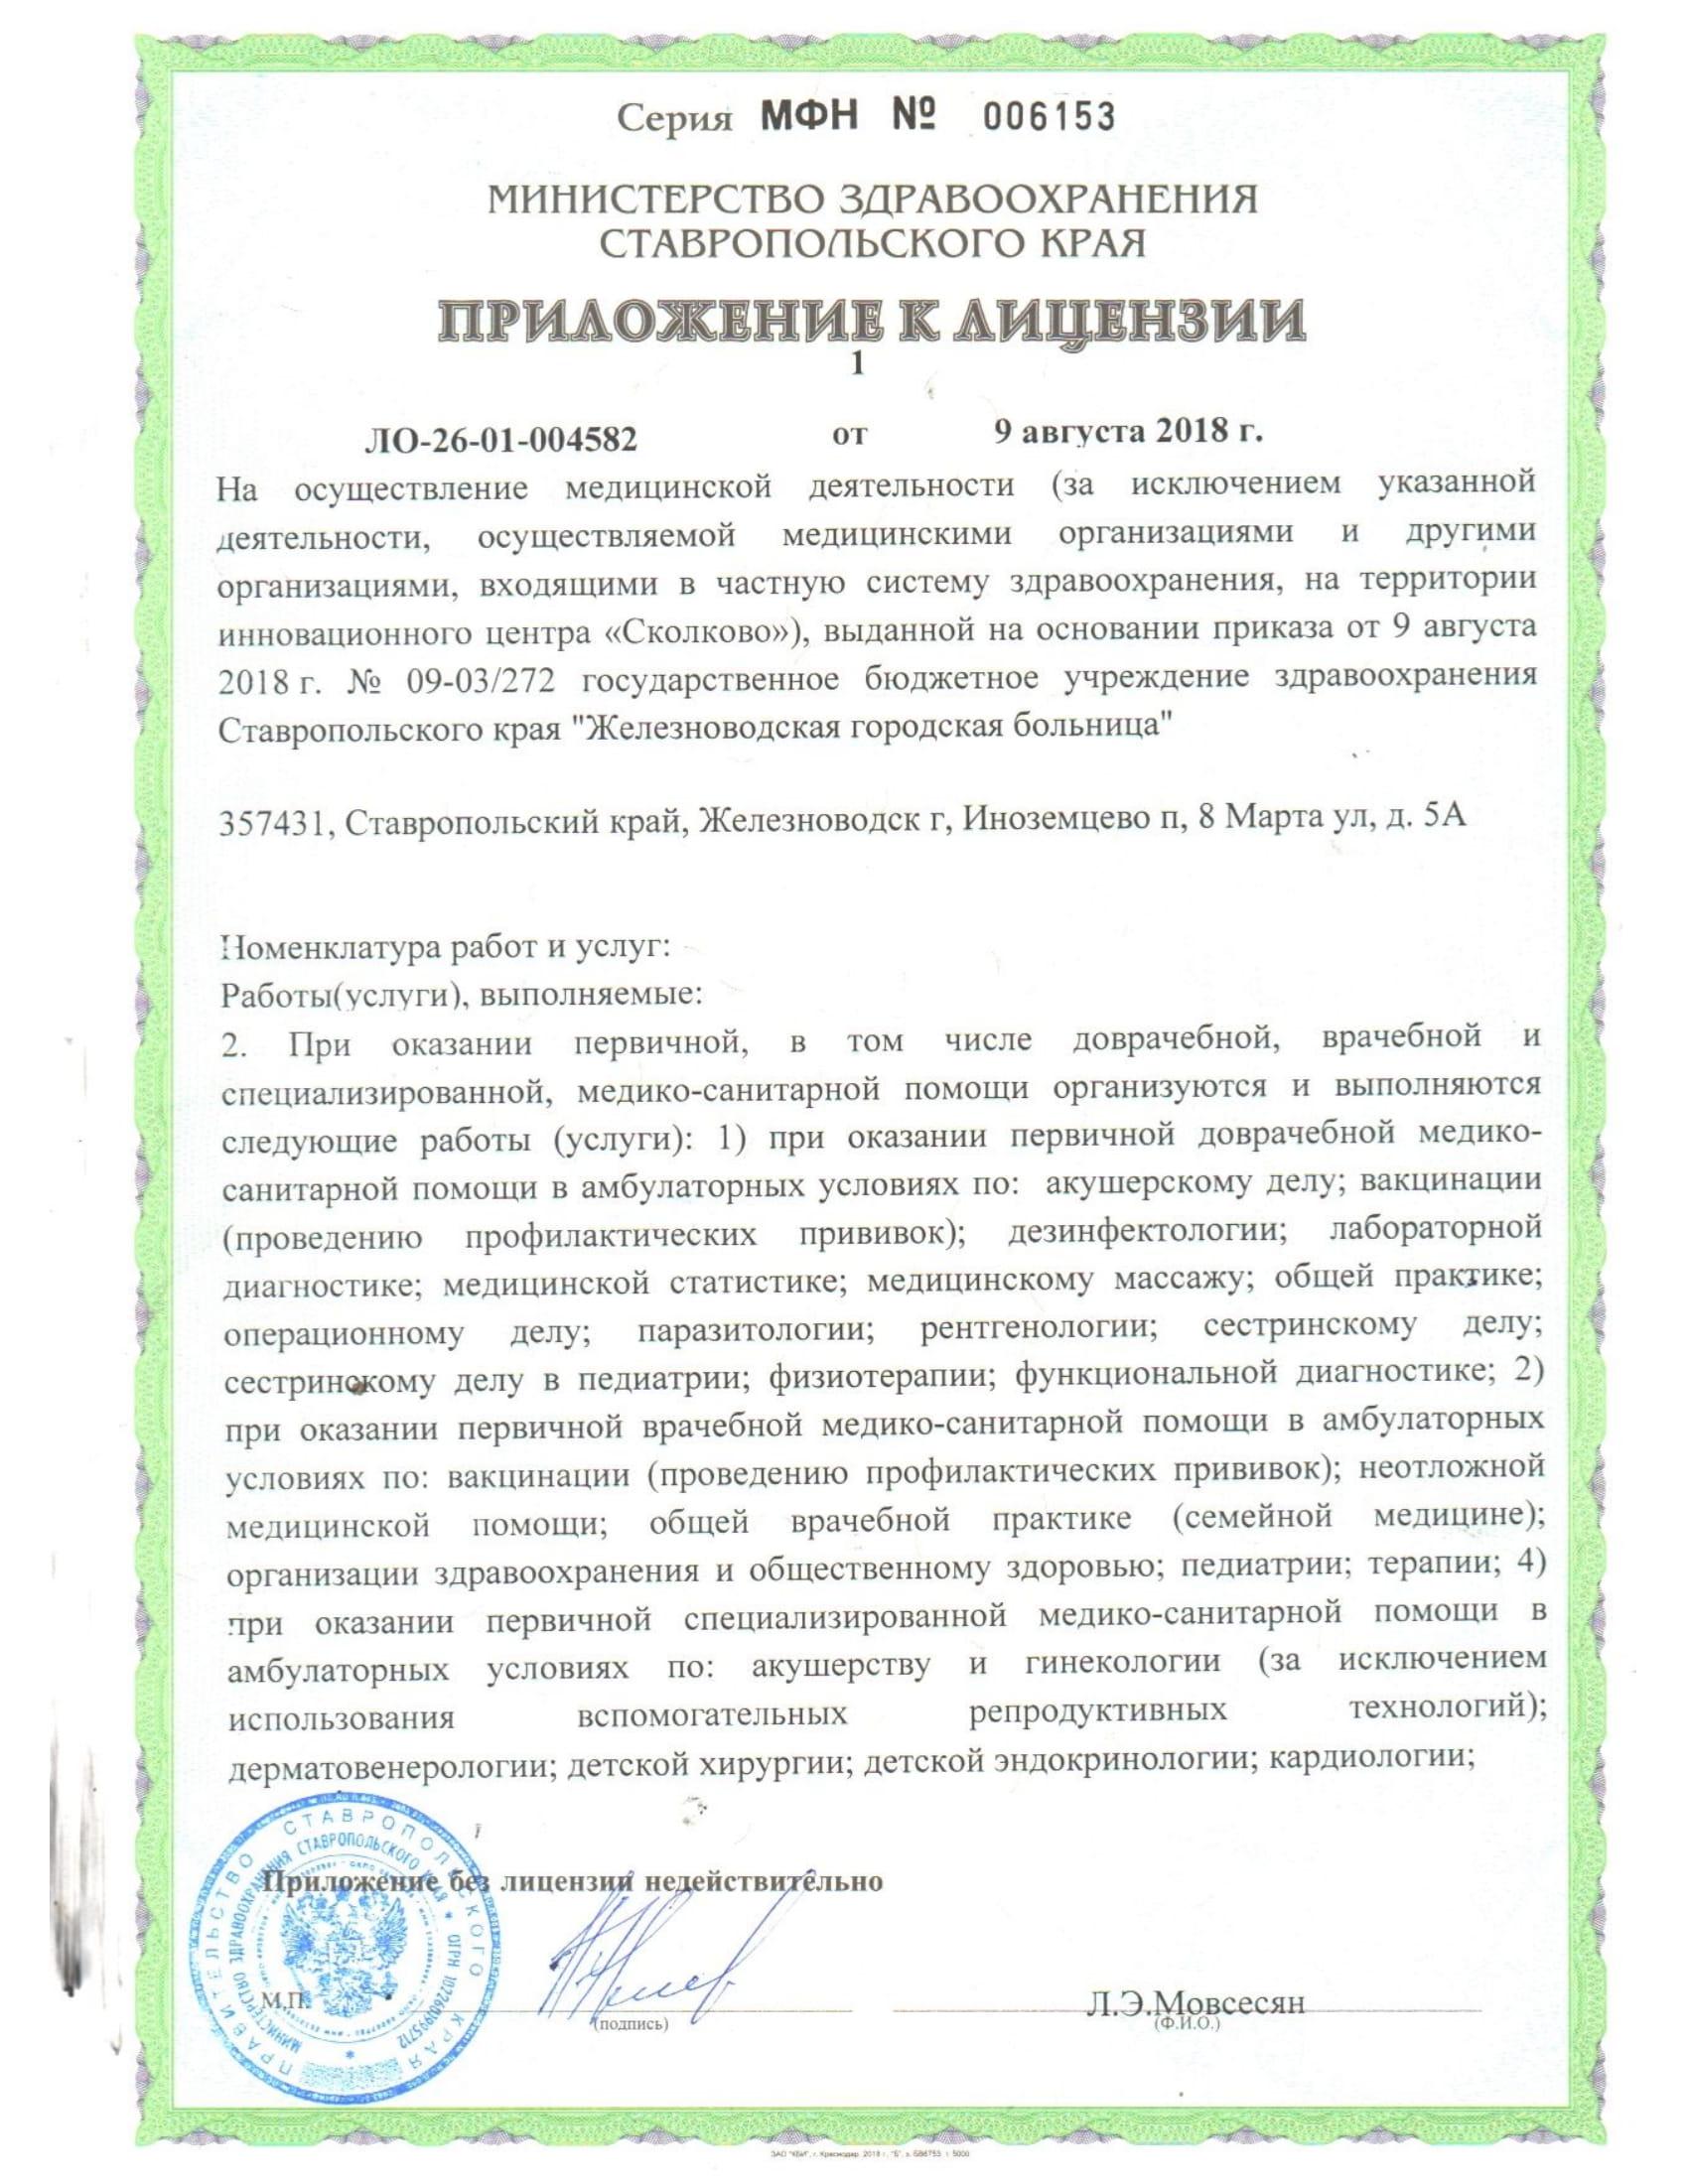 лицензия 2018 от 09.08.2018-03